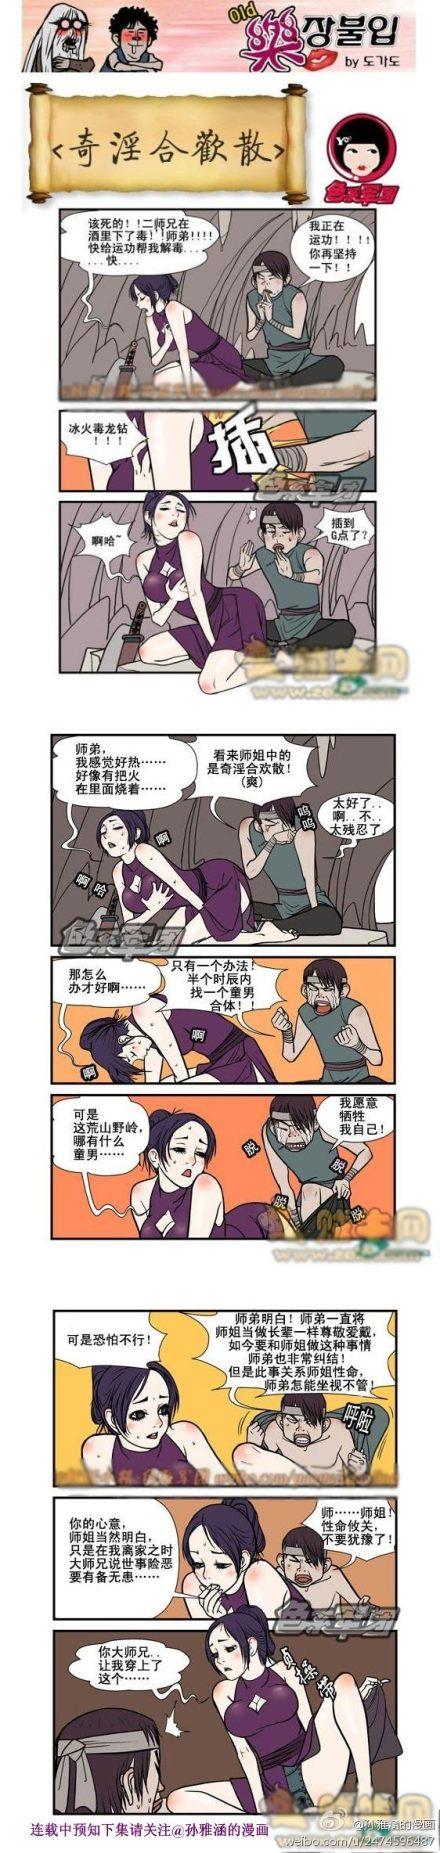 内裤奇淫_师姐中了奇淫合欢散 邪恶小漫画第22弹